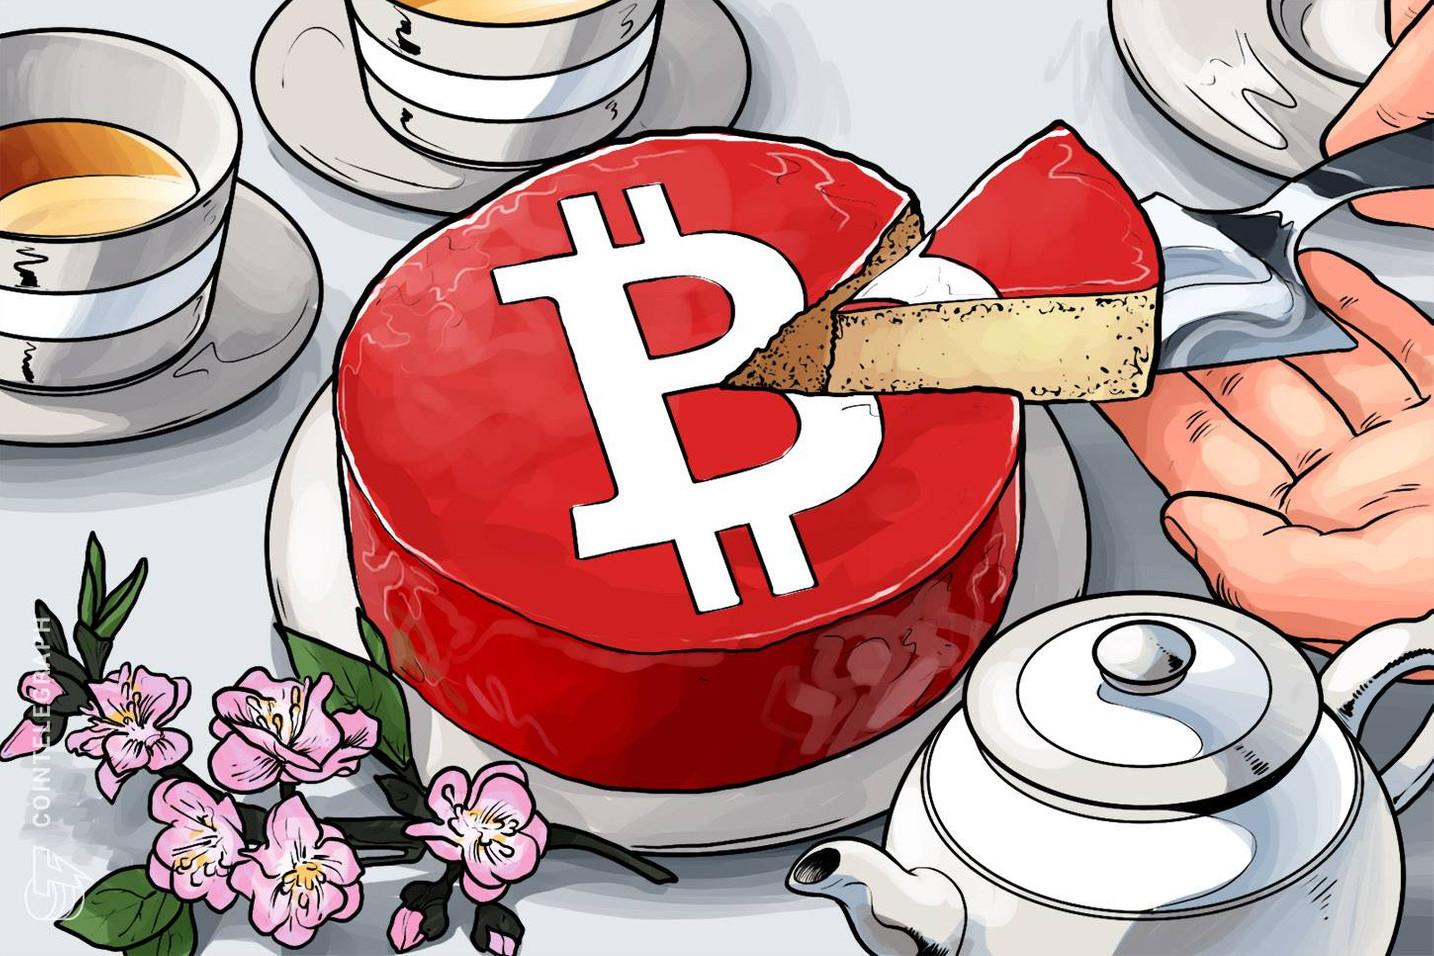 ビットコインの値動きで楽天ポイントが増減、楽天が新サービス開始